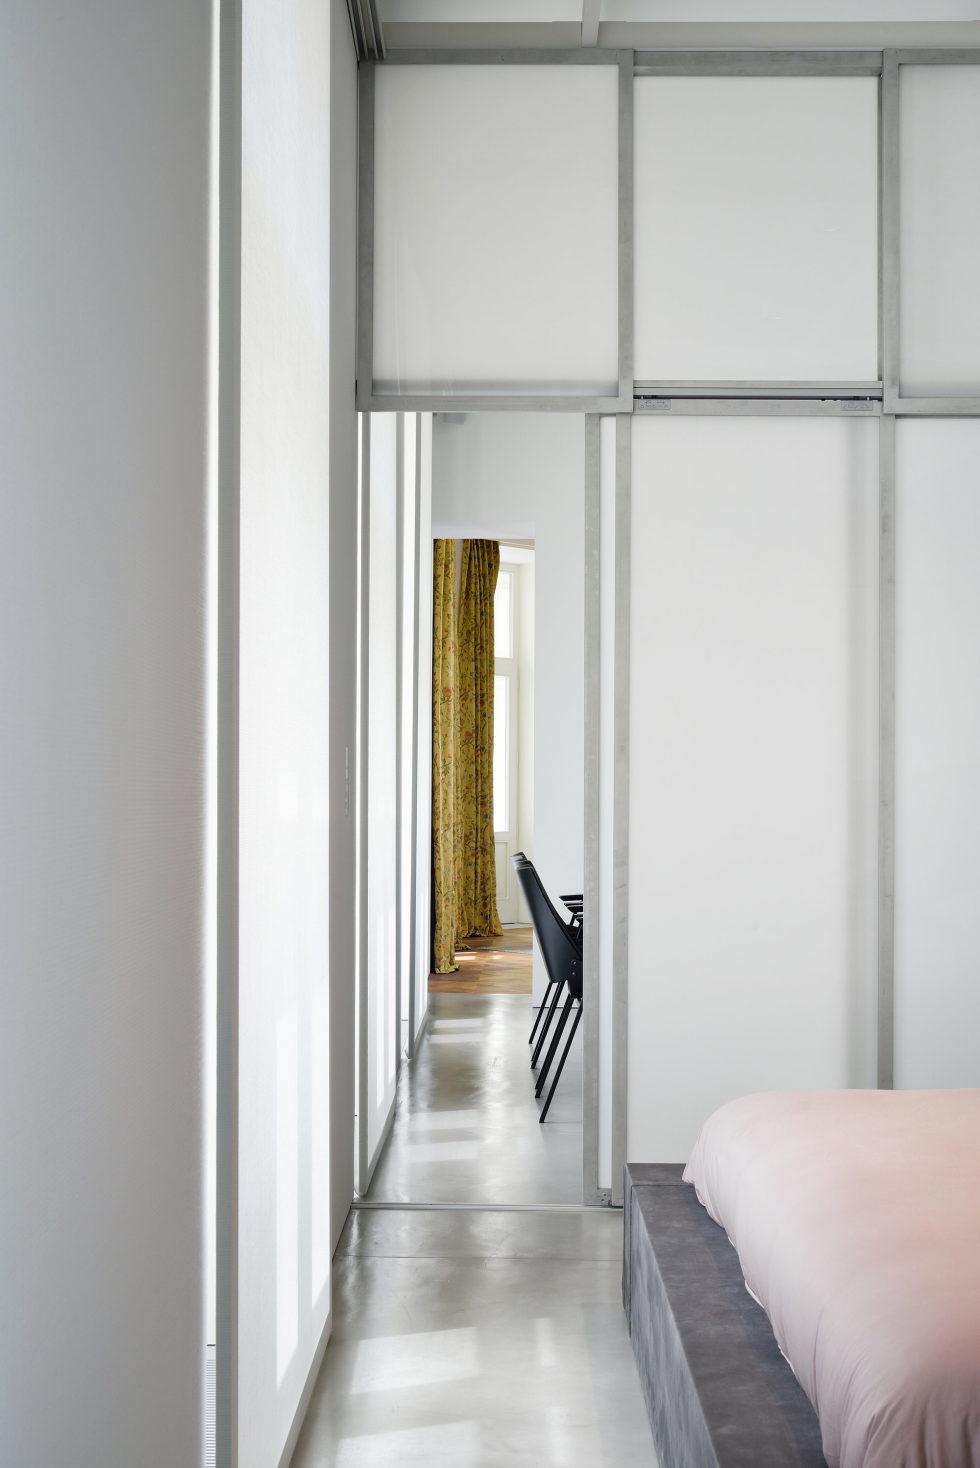 Apartment SP in Ljubljana, Slovenia by SADAR+VUGA studio 12